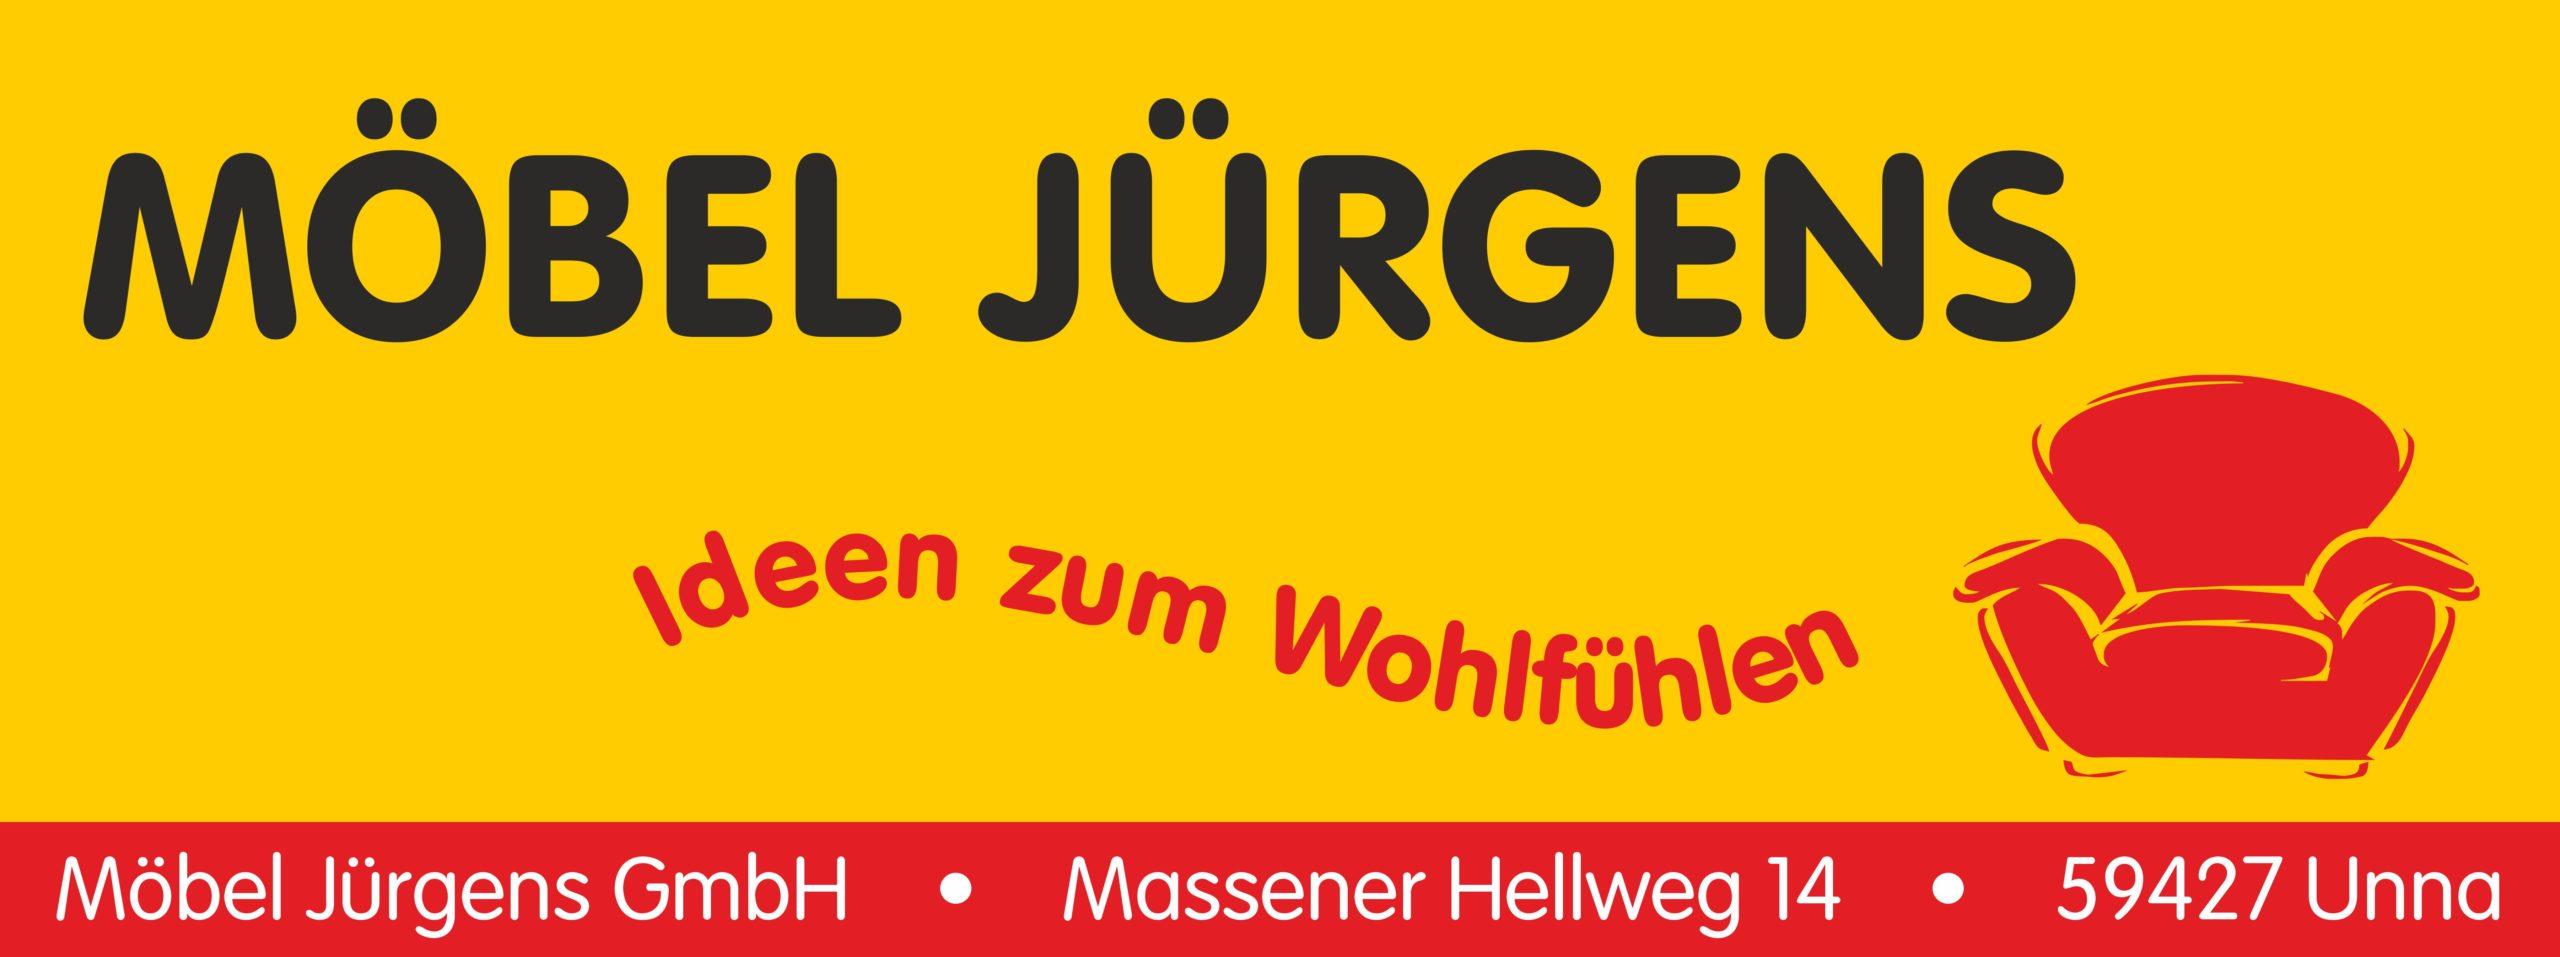 Möbel Jürgens